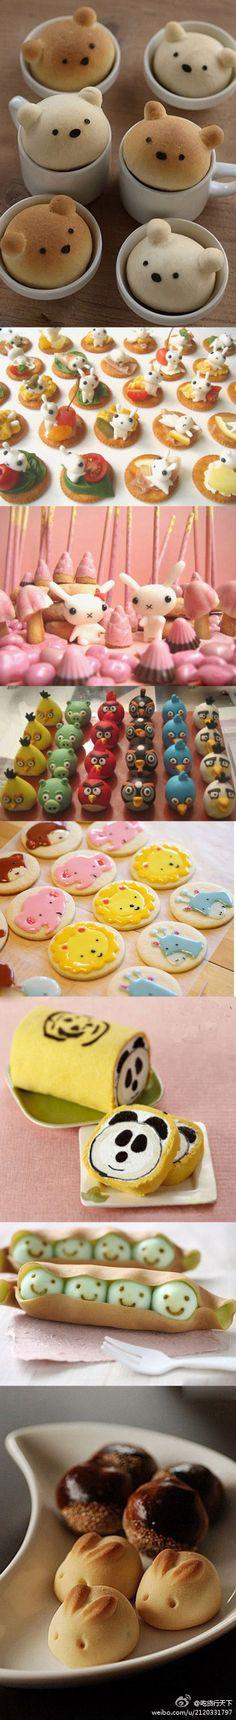 Cute food.